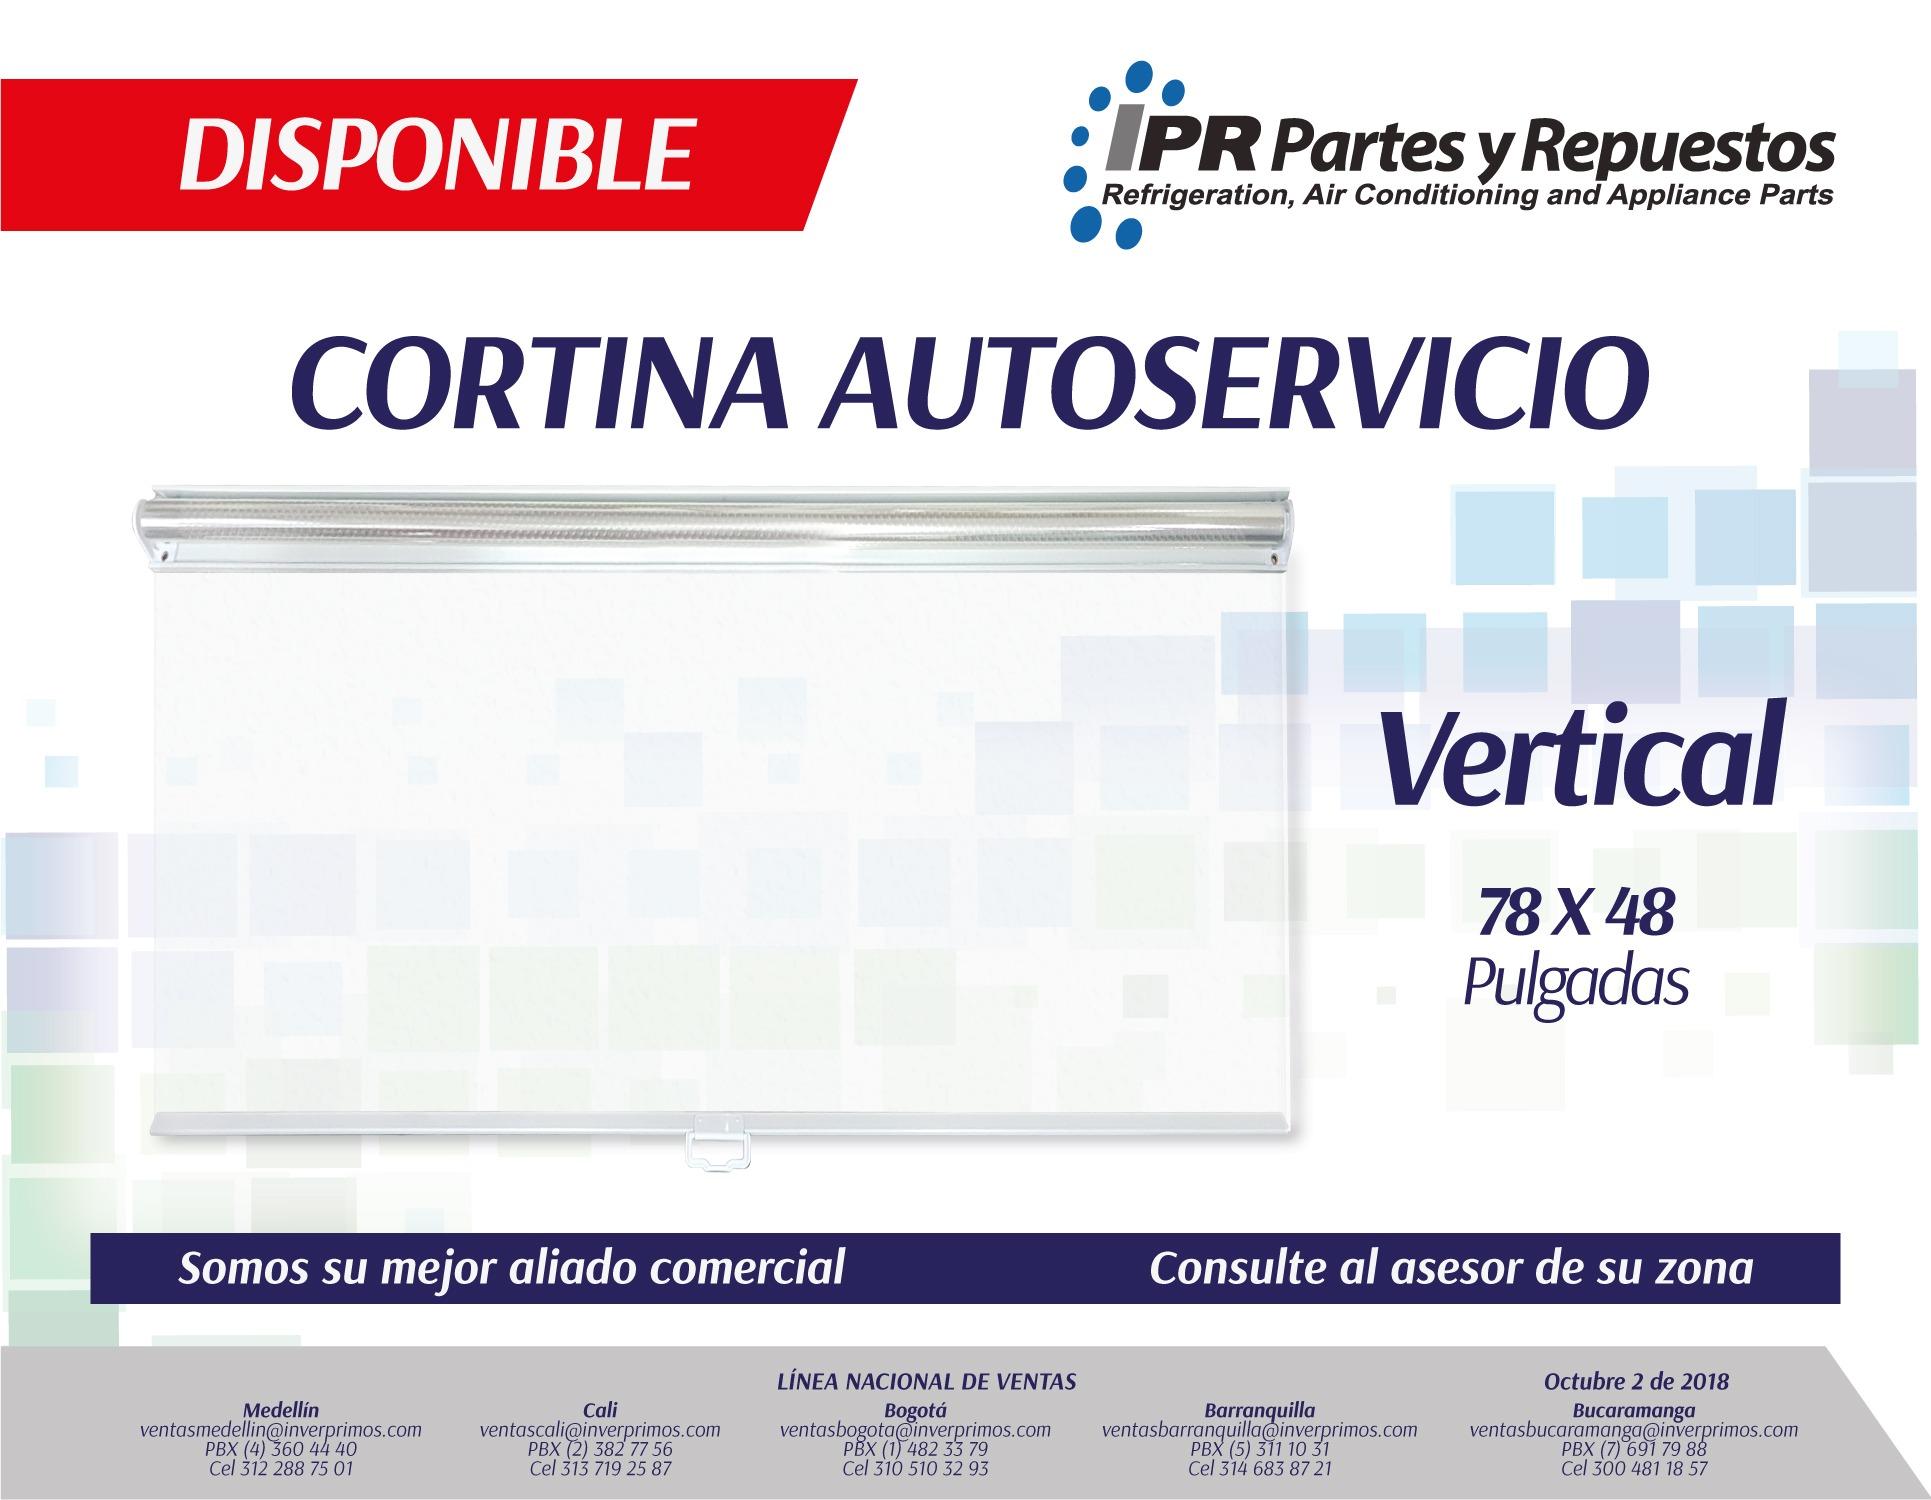 CORTINA, AUTOSERVICIO, REFRIGERACIÓN